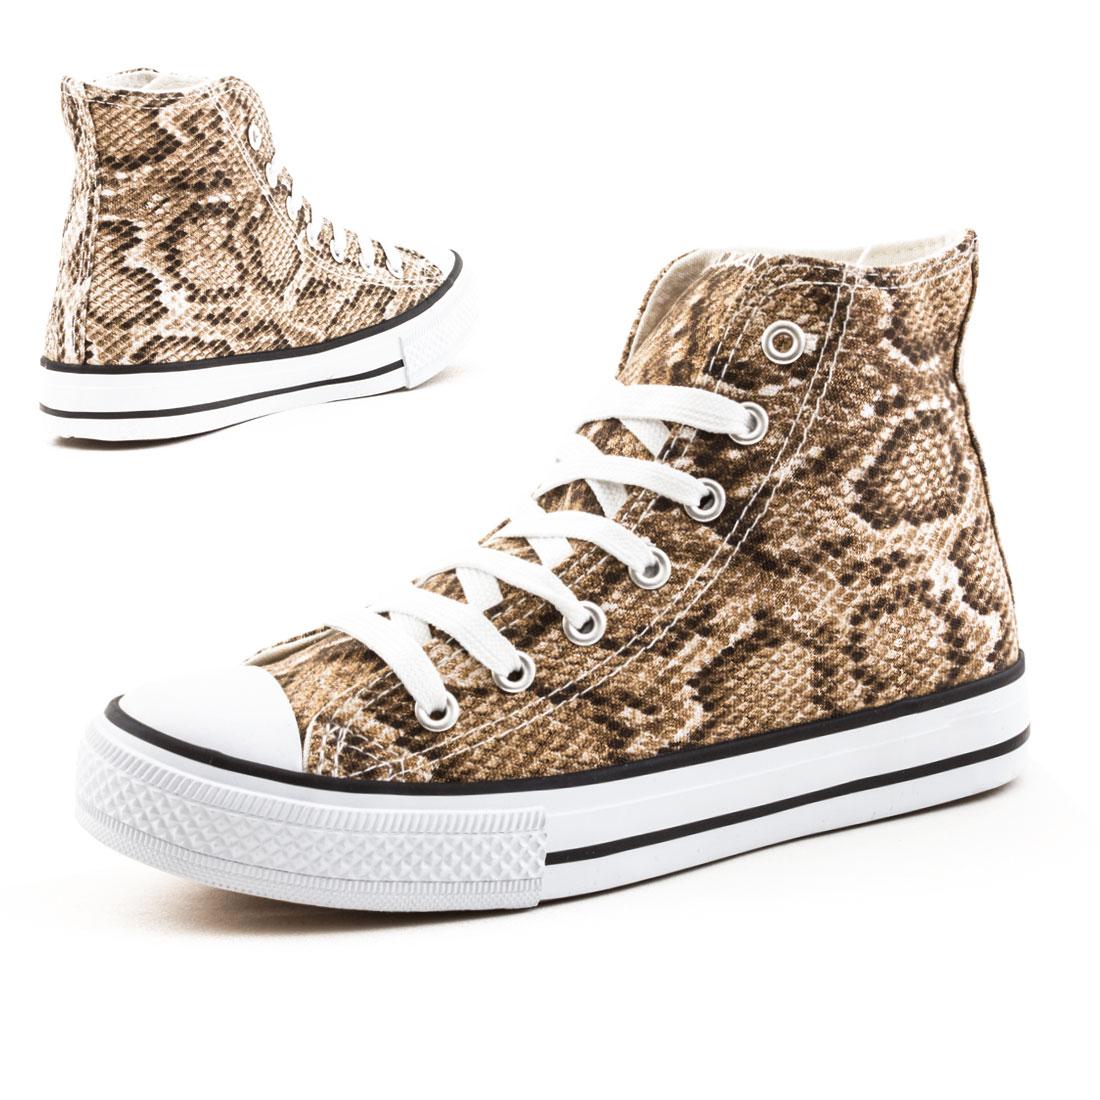 neu damen high top sneaker textil turnschuhe nieten schuhe gr 36 37 38 39 40 41 ebay. Black Bedroom Furniture Sets. Home Design Ideas